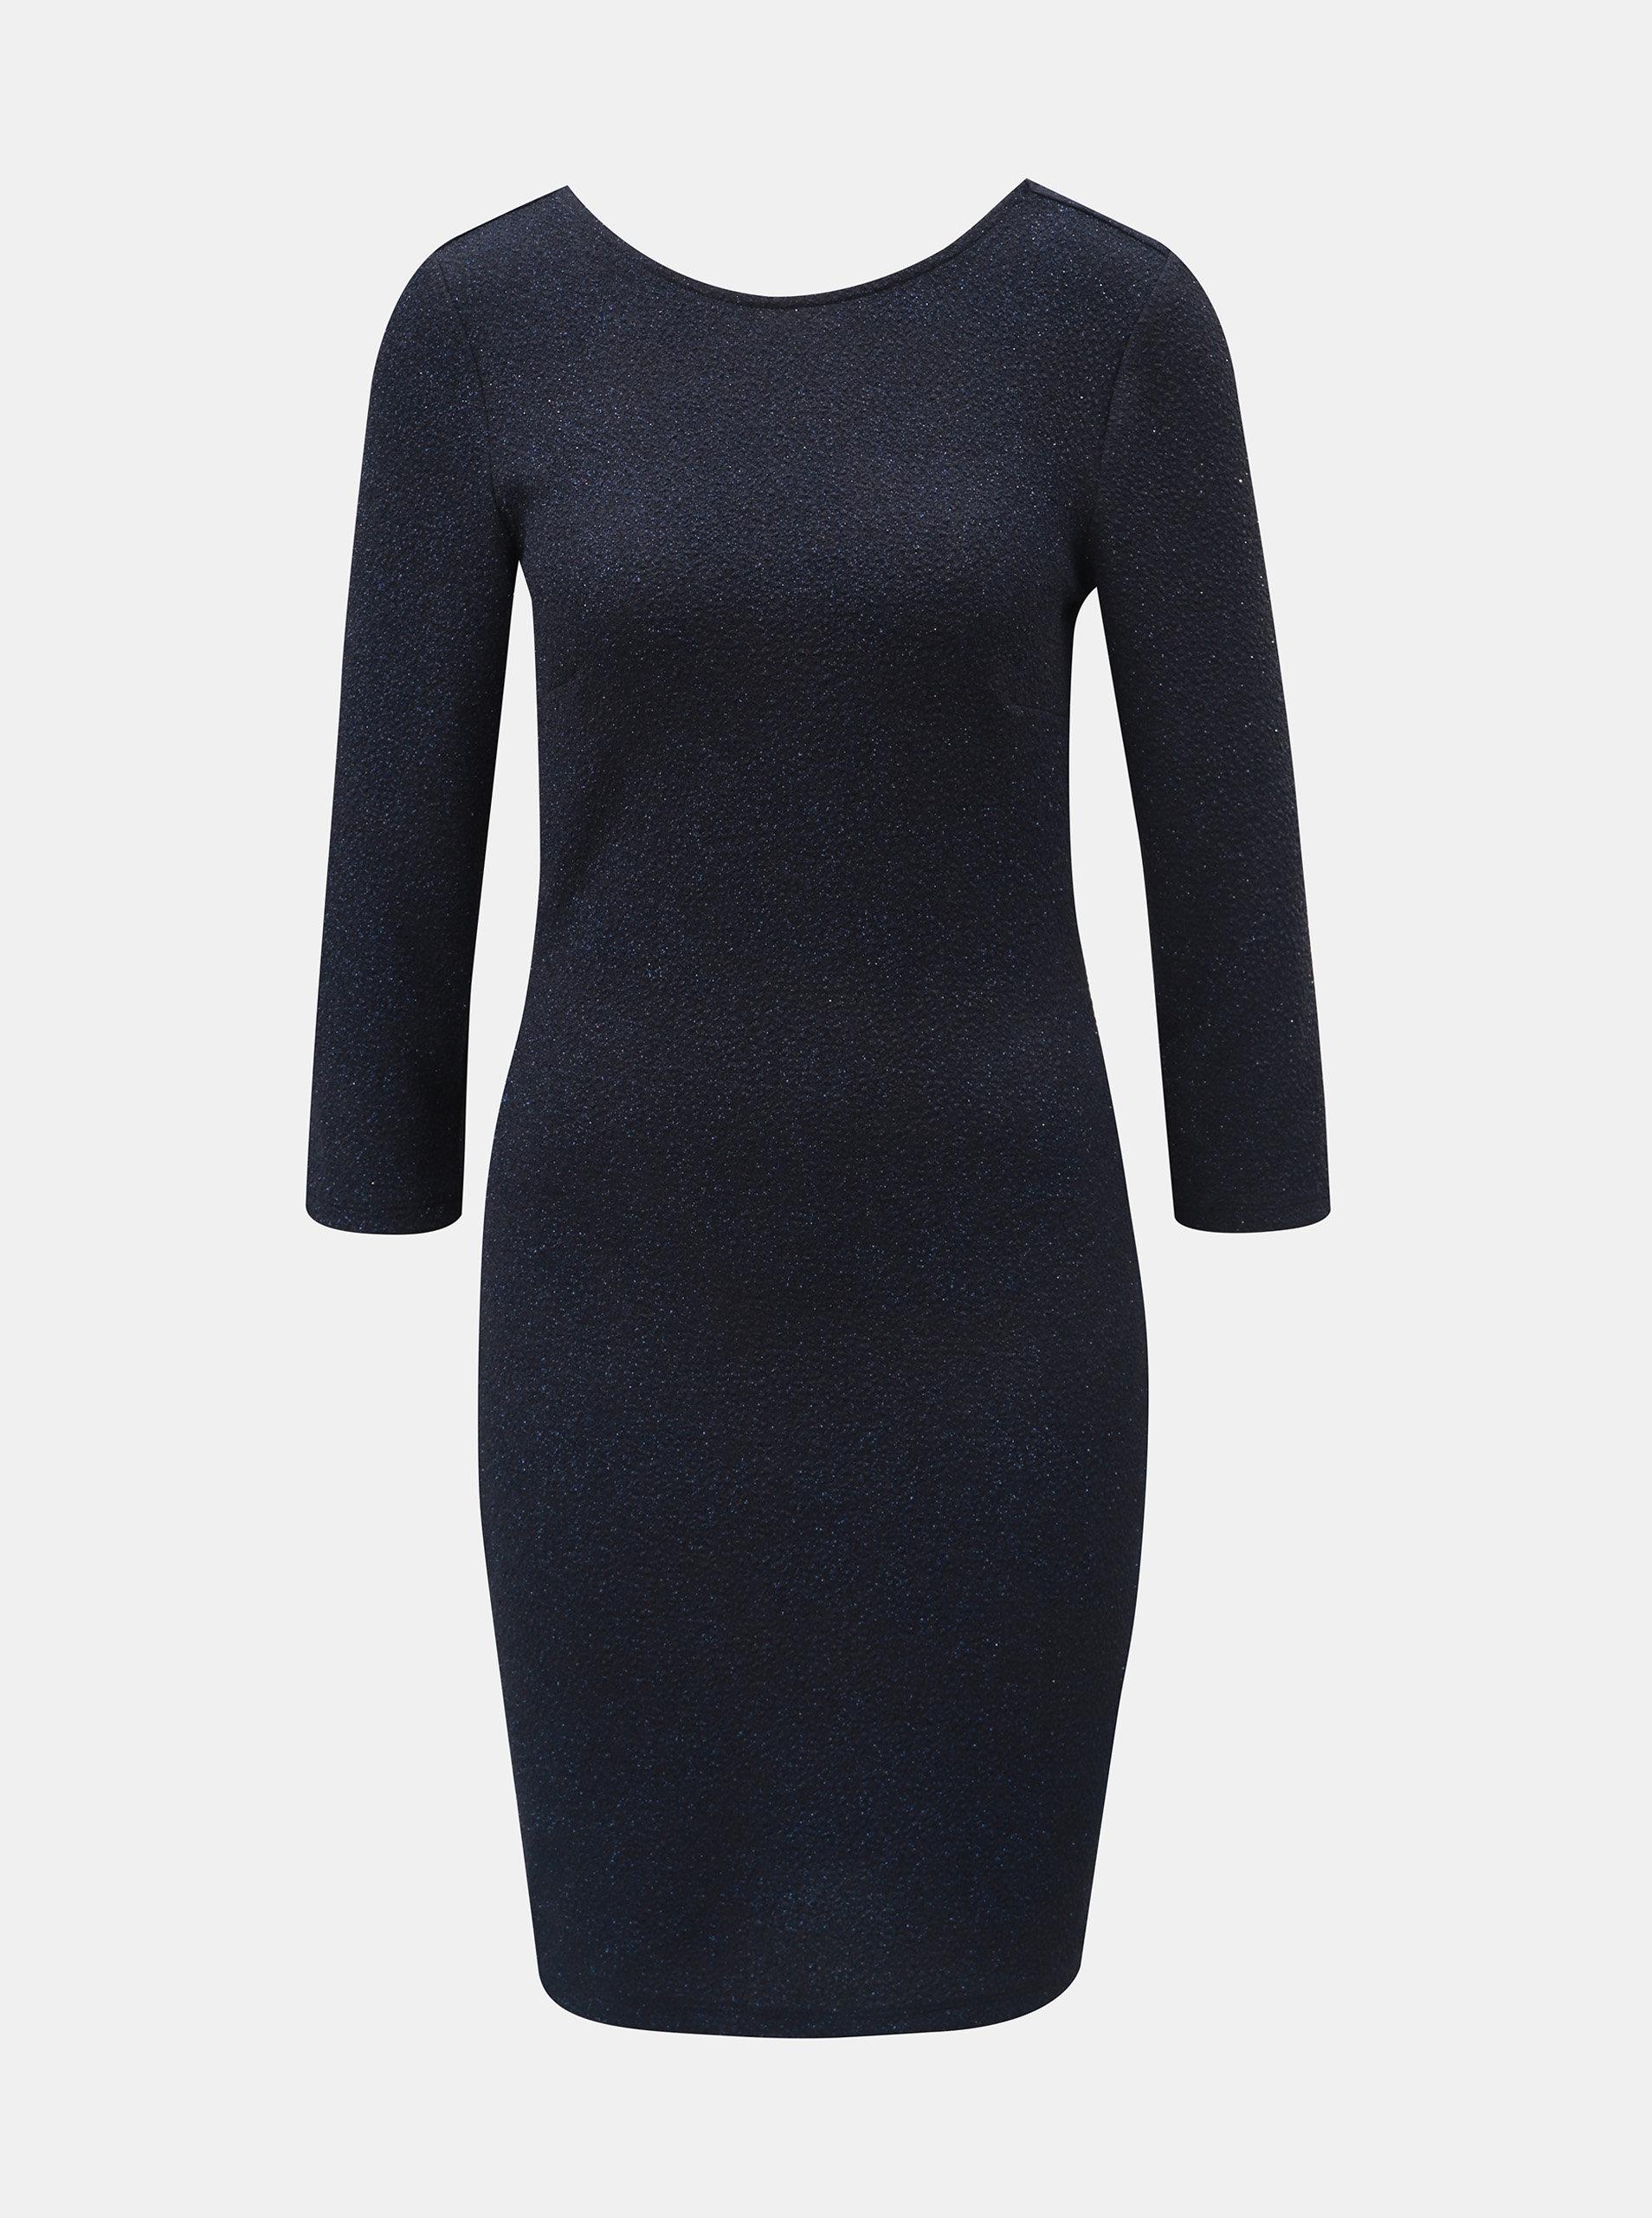 Tmavě modré třpytivé pouzdrové šaty s 3 4 rukávem Jacqueline de Yong ... dd962f12d7